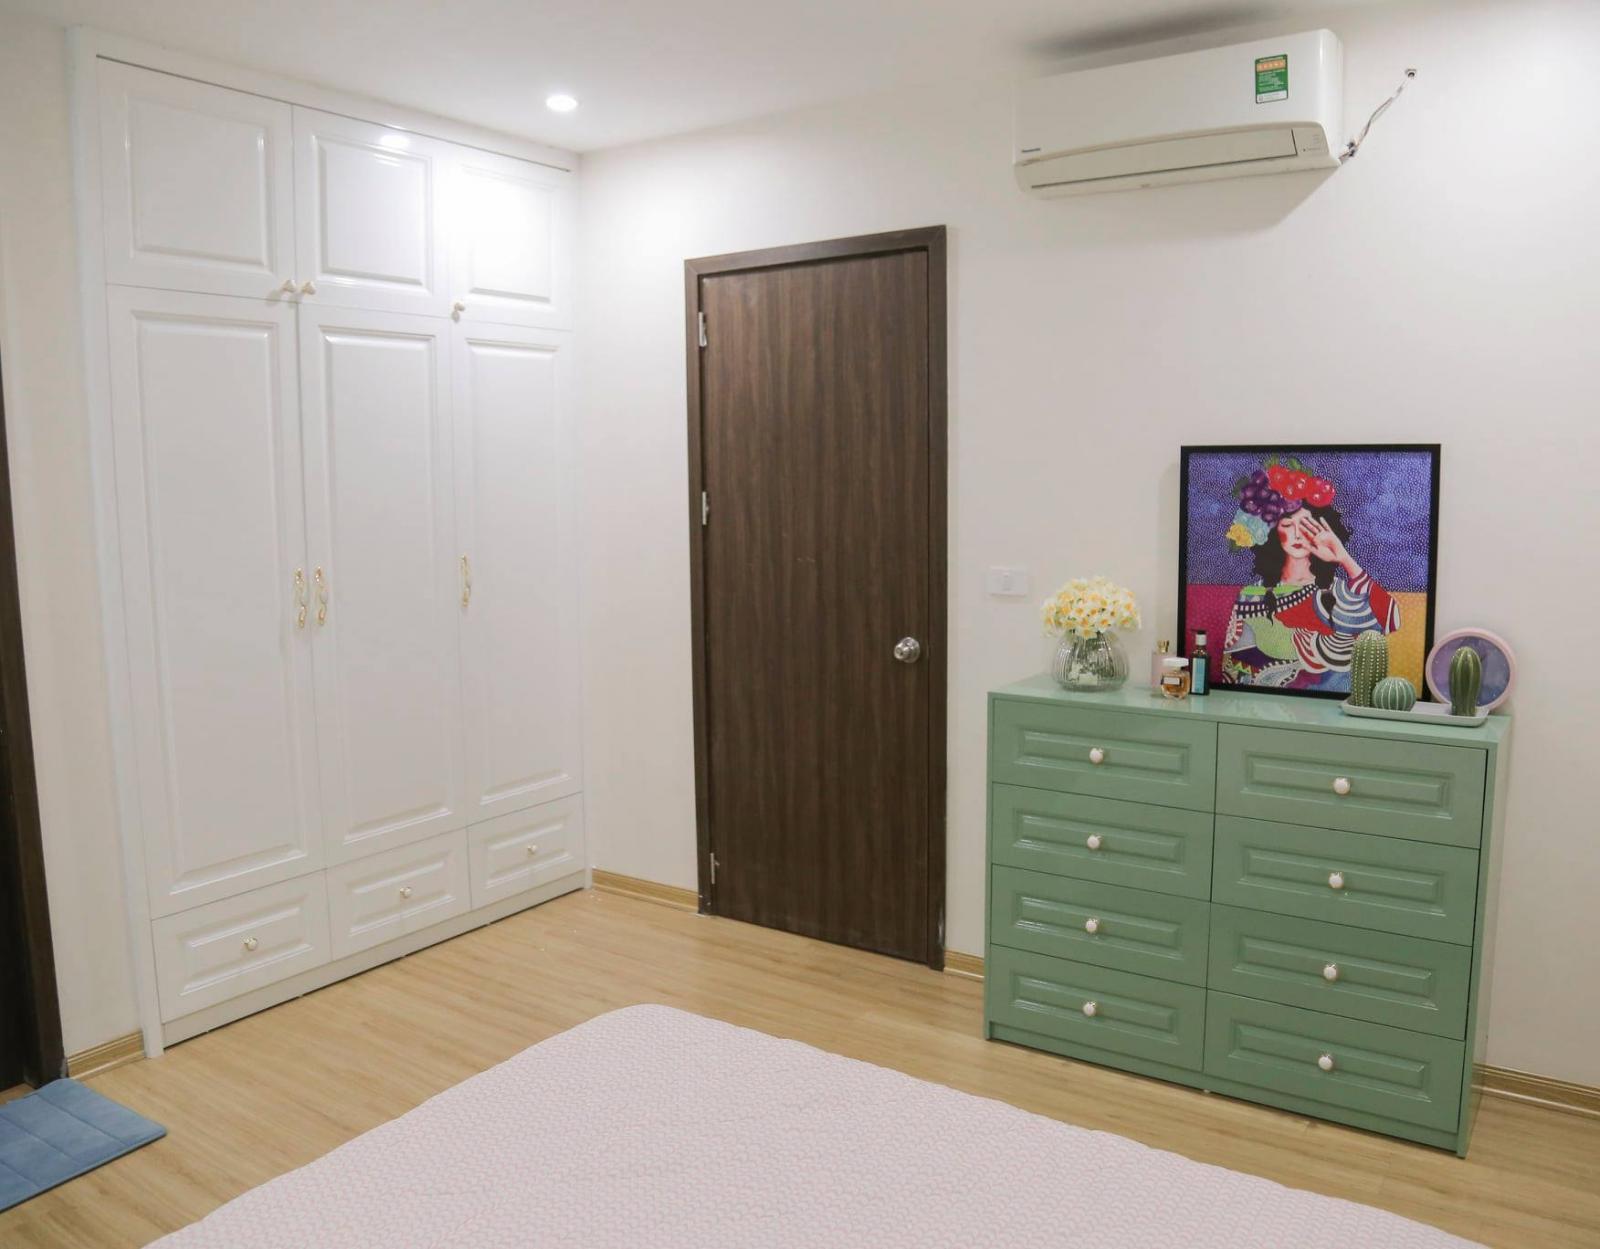 Không gian phòng ngủ có đồ nội thất cơ bản như giường, tủ quần áo.